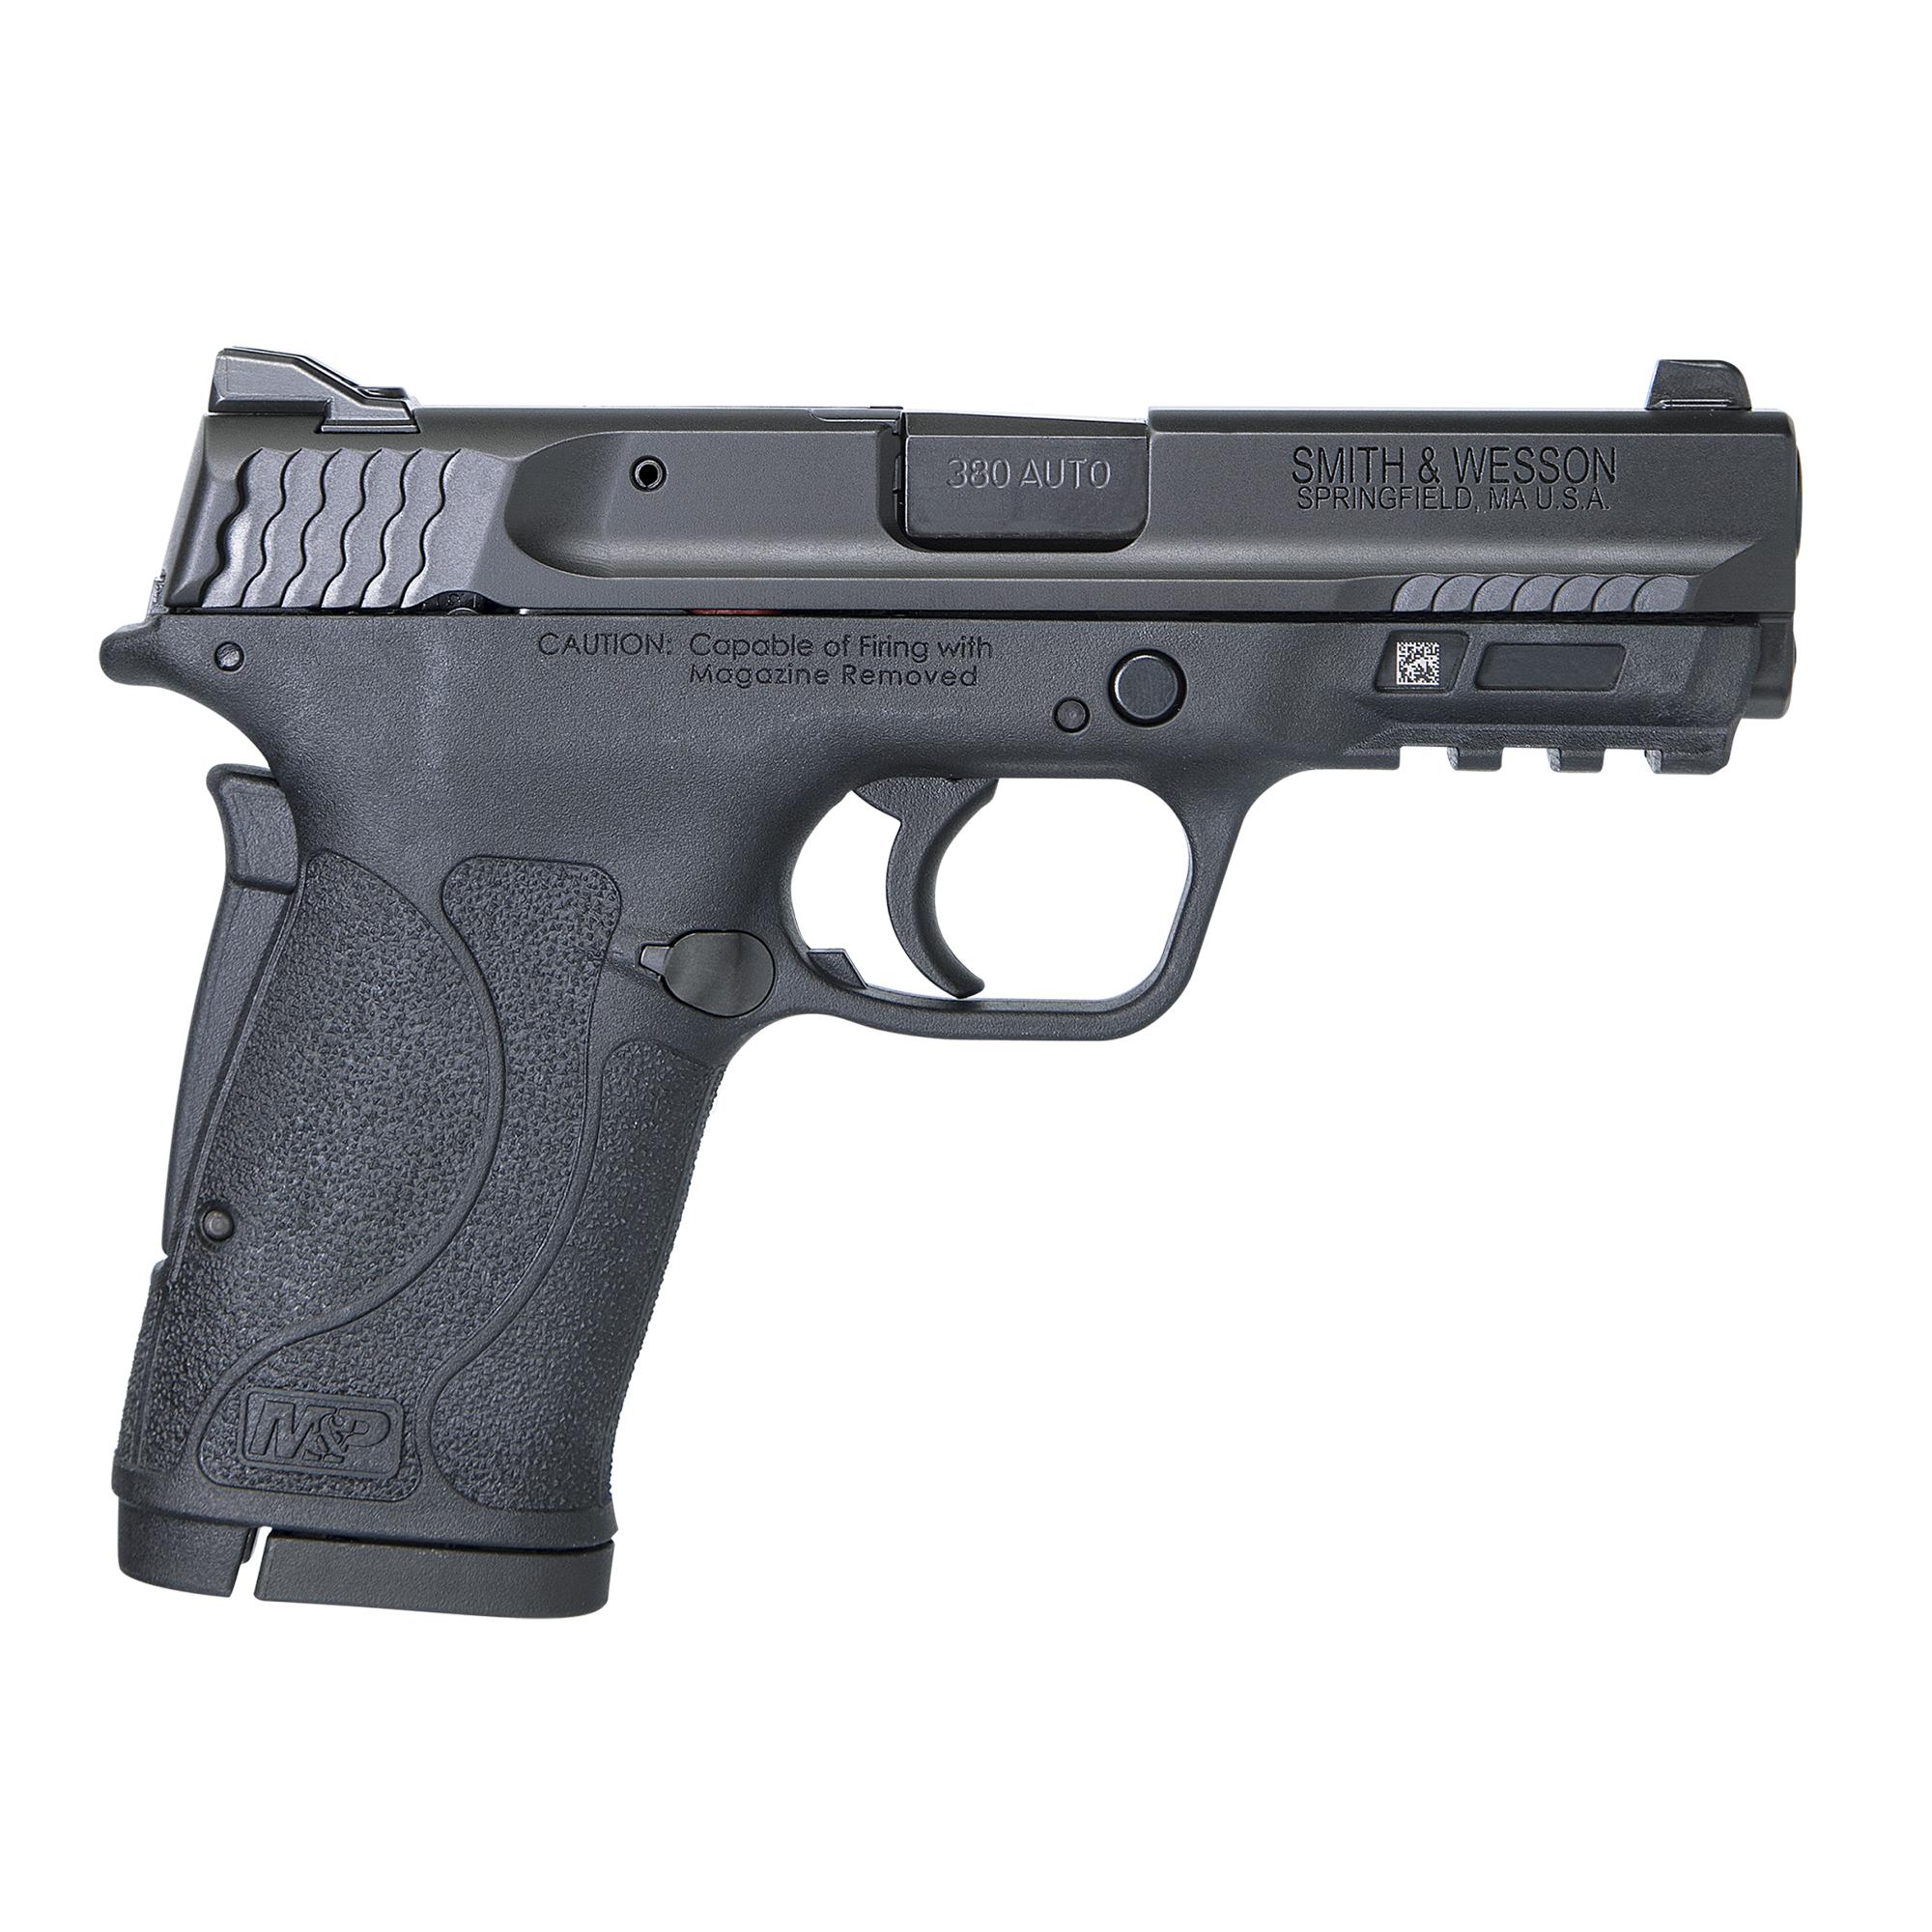 Smith & Wesson M & P380 Shield EZ Handgun